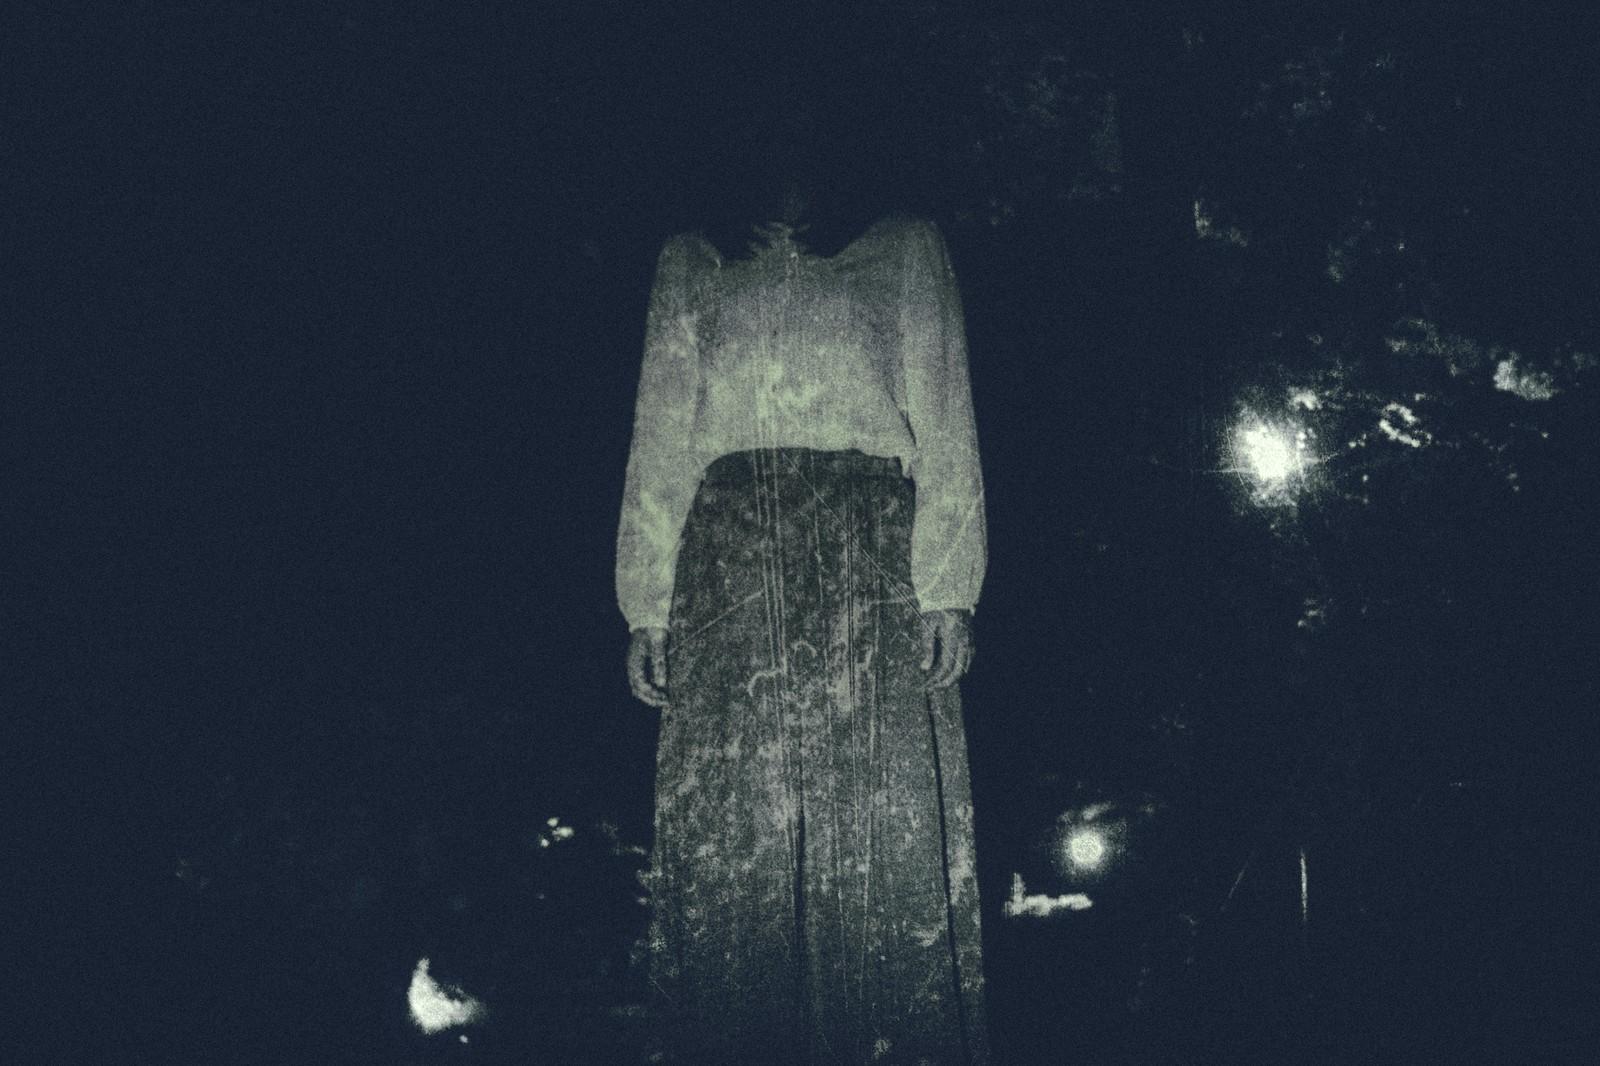 女性 暗闇 ストーカー